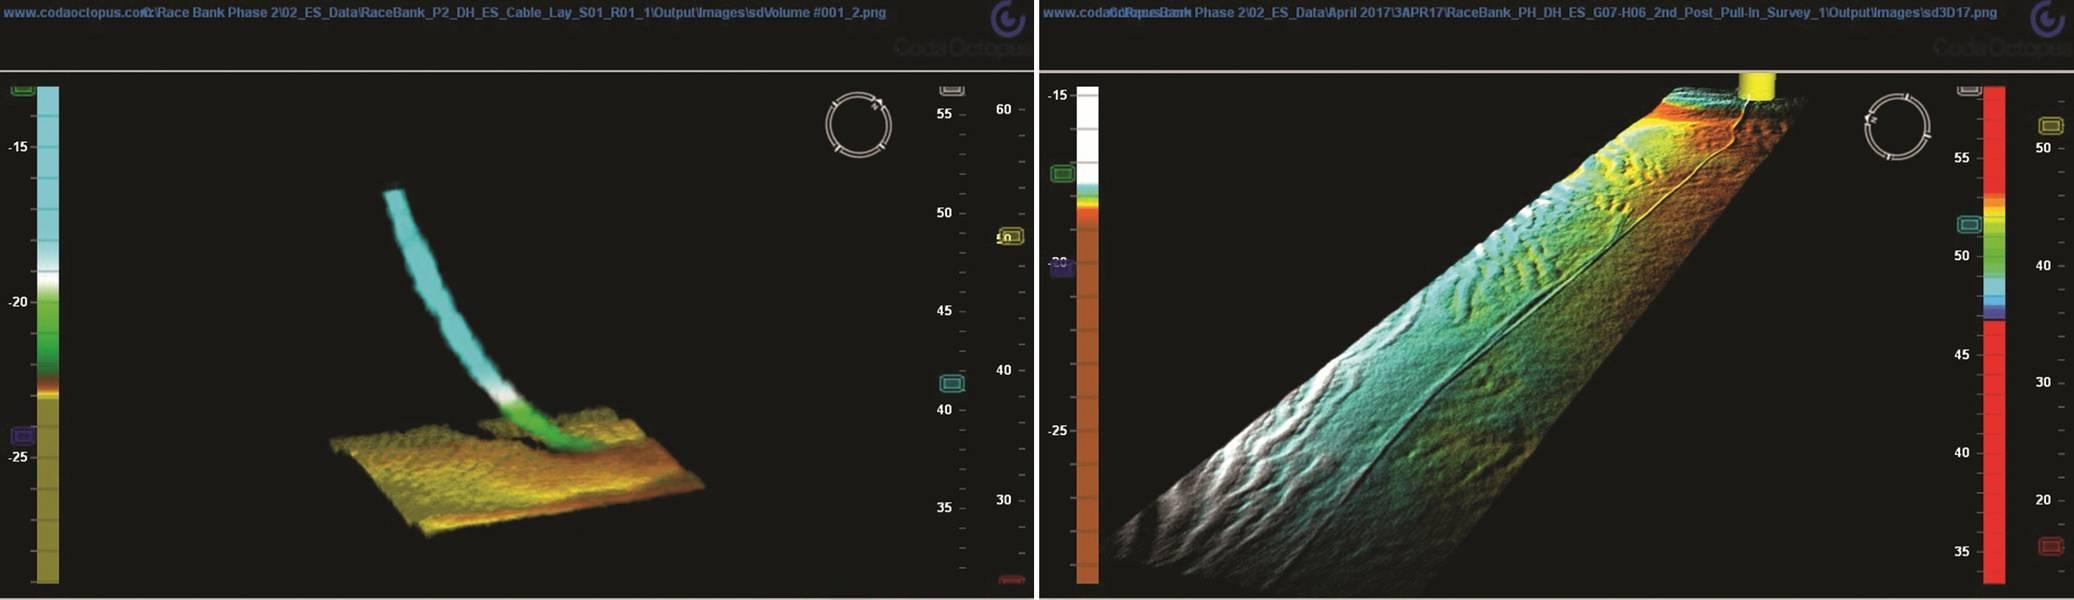 Рис. 8 - Сетевой кабель контактной станции и ТД мониторинга / As-Laid Обзор кабеля (Изображение: Осьминоз колы)